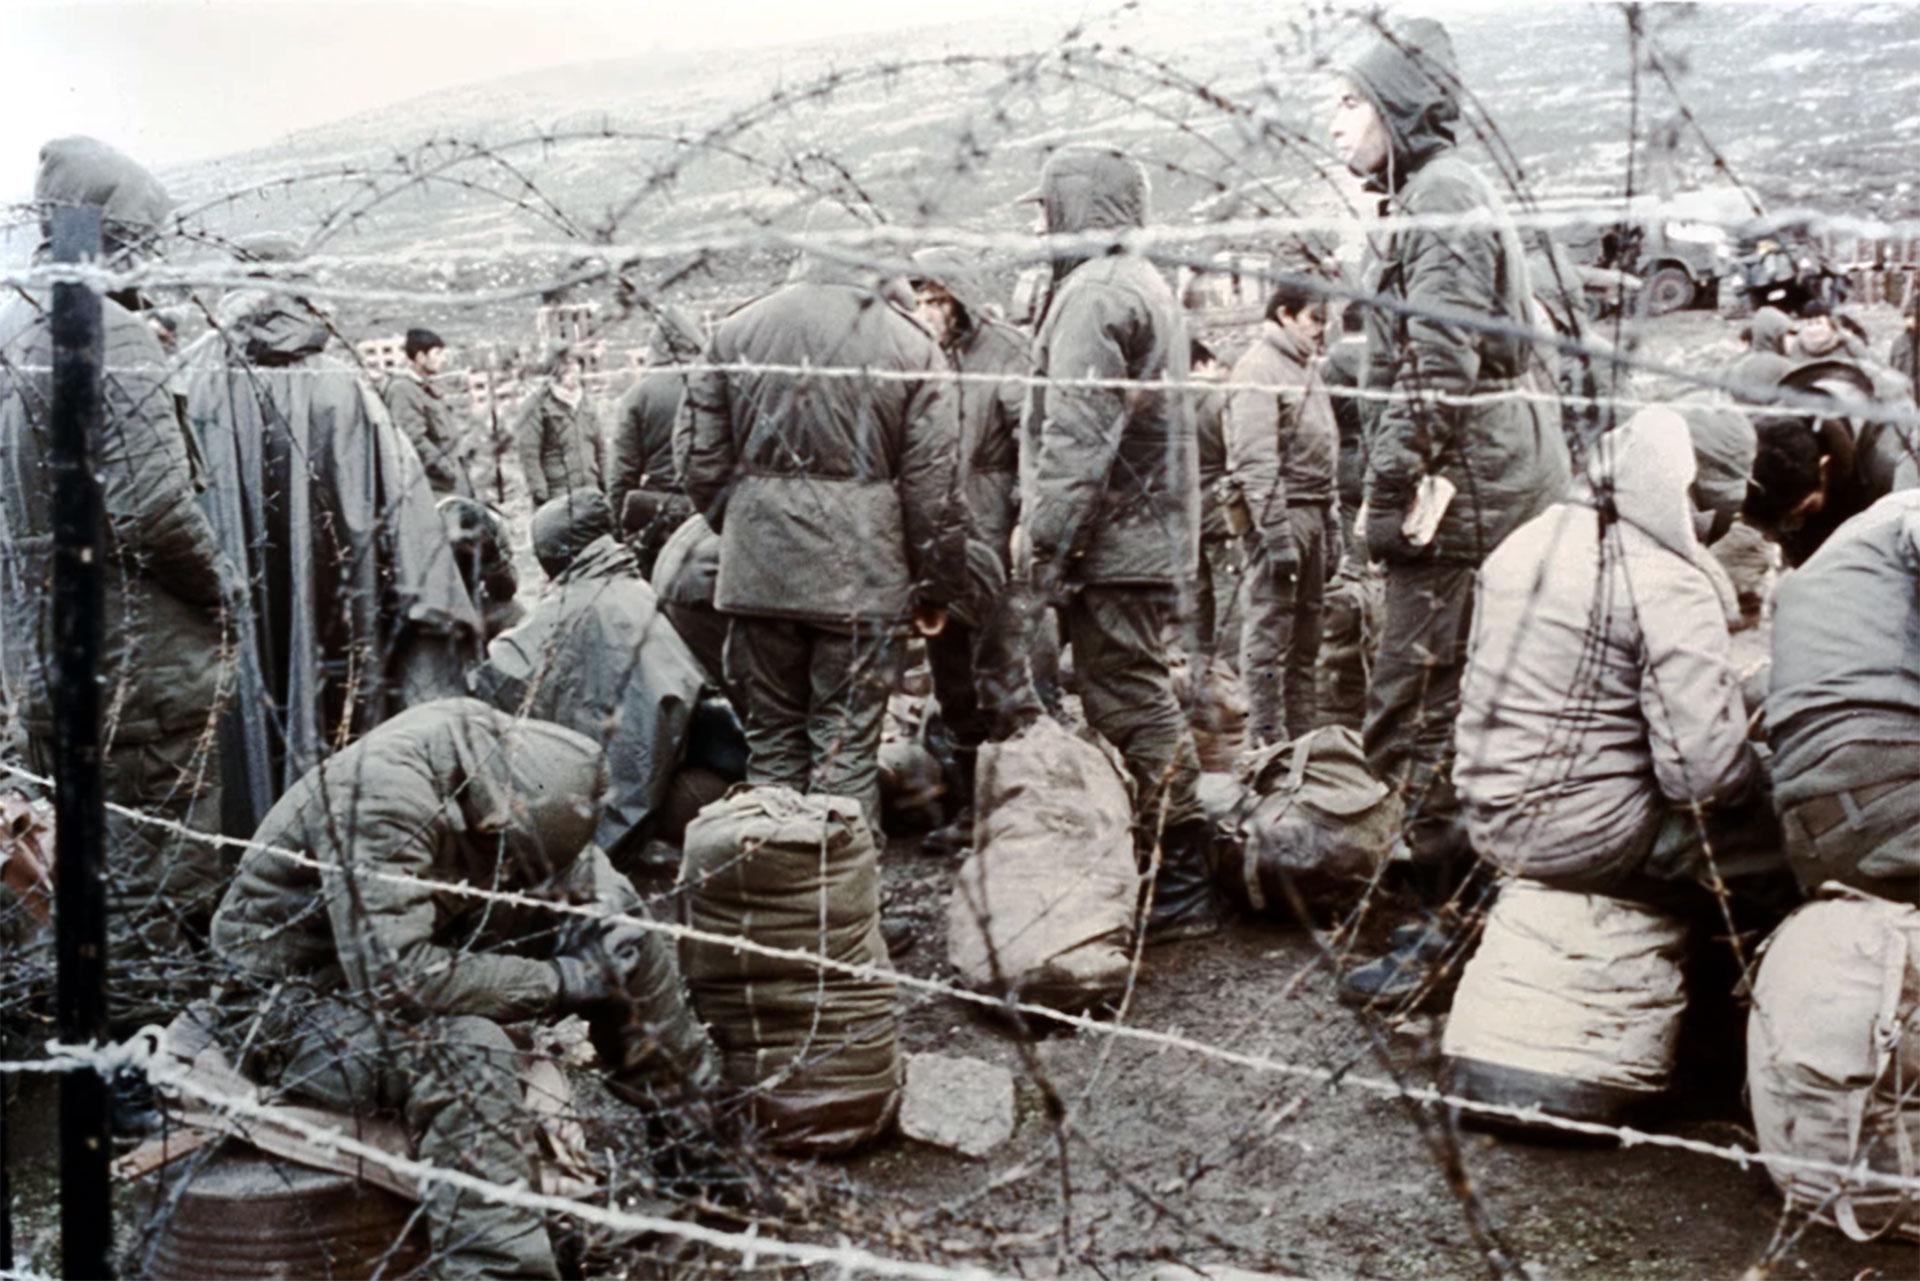 Prisioneros de guerra argentinos realizaron durante su detención trabajos peligrosos prohibidos por la Convención de Ginebra, como transportar municiones